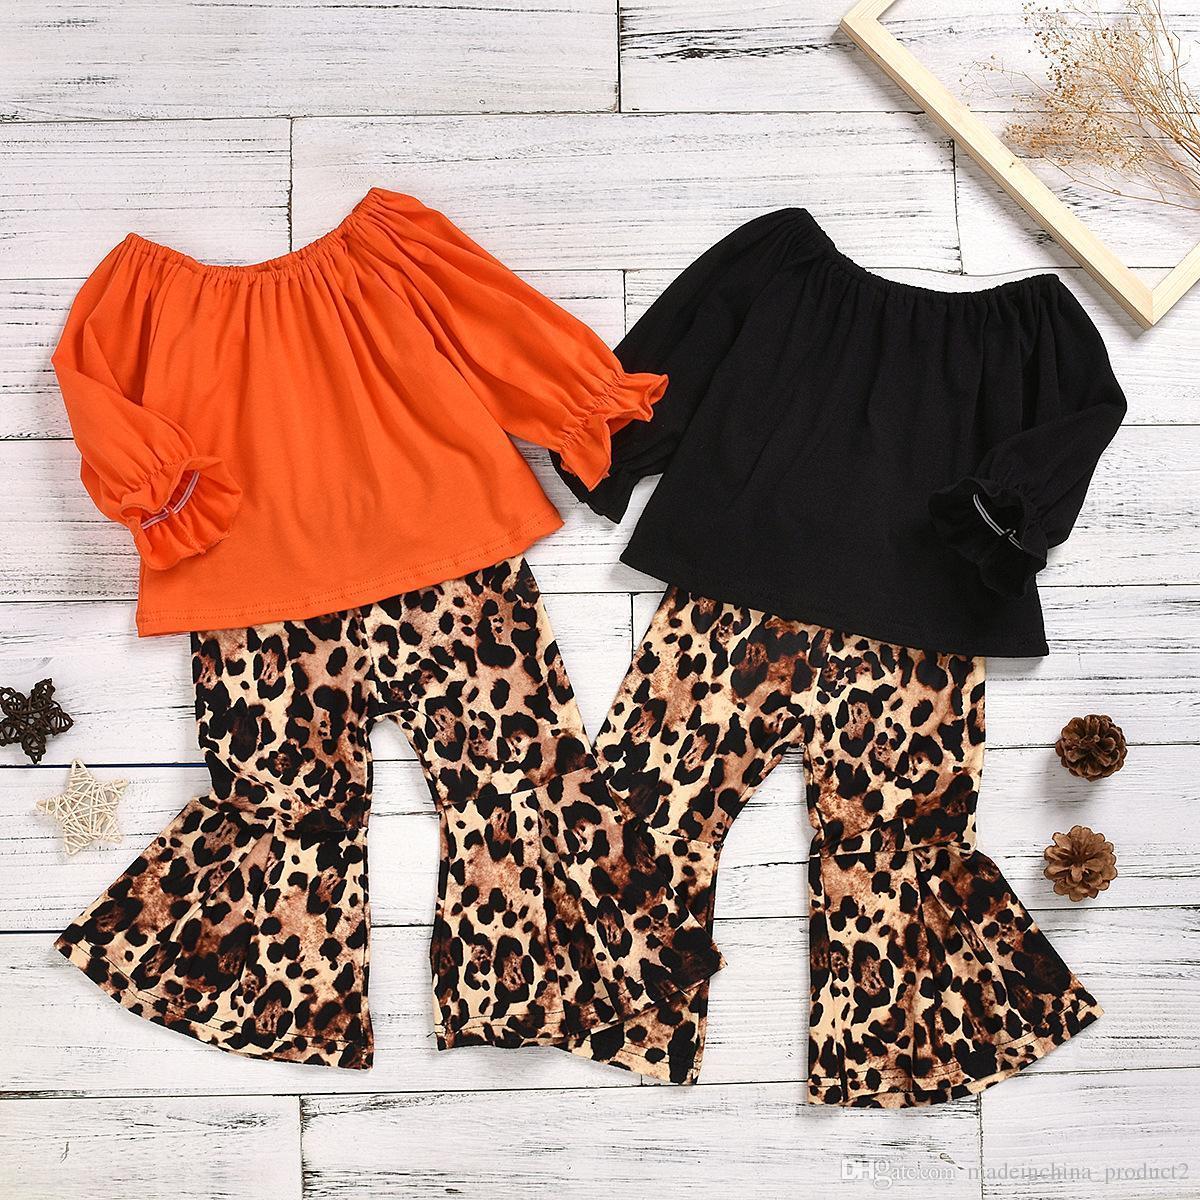 Baby Girl Одежда Puff рукавом Leopard брюки 2pcs комплекты малышей Flared Брюки Костюмы конструктора Дети Эпикировка Boutique Детская одежда